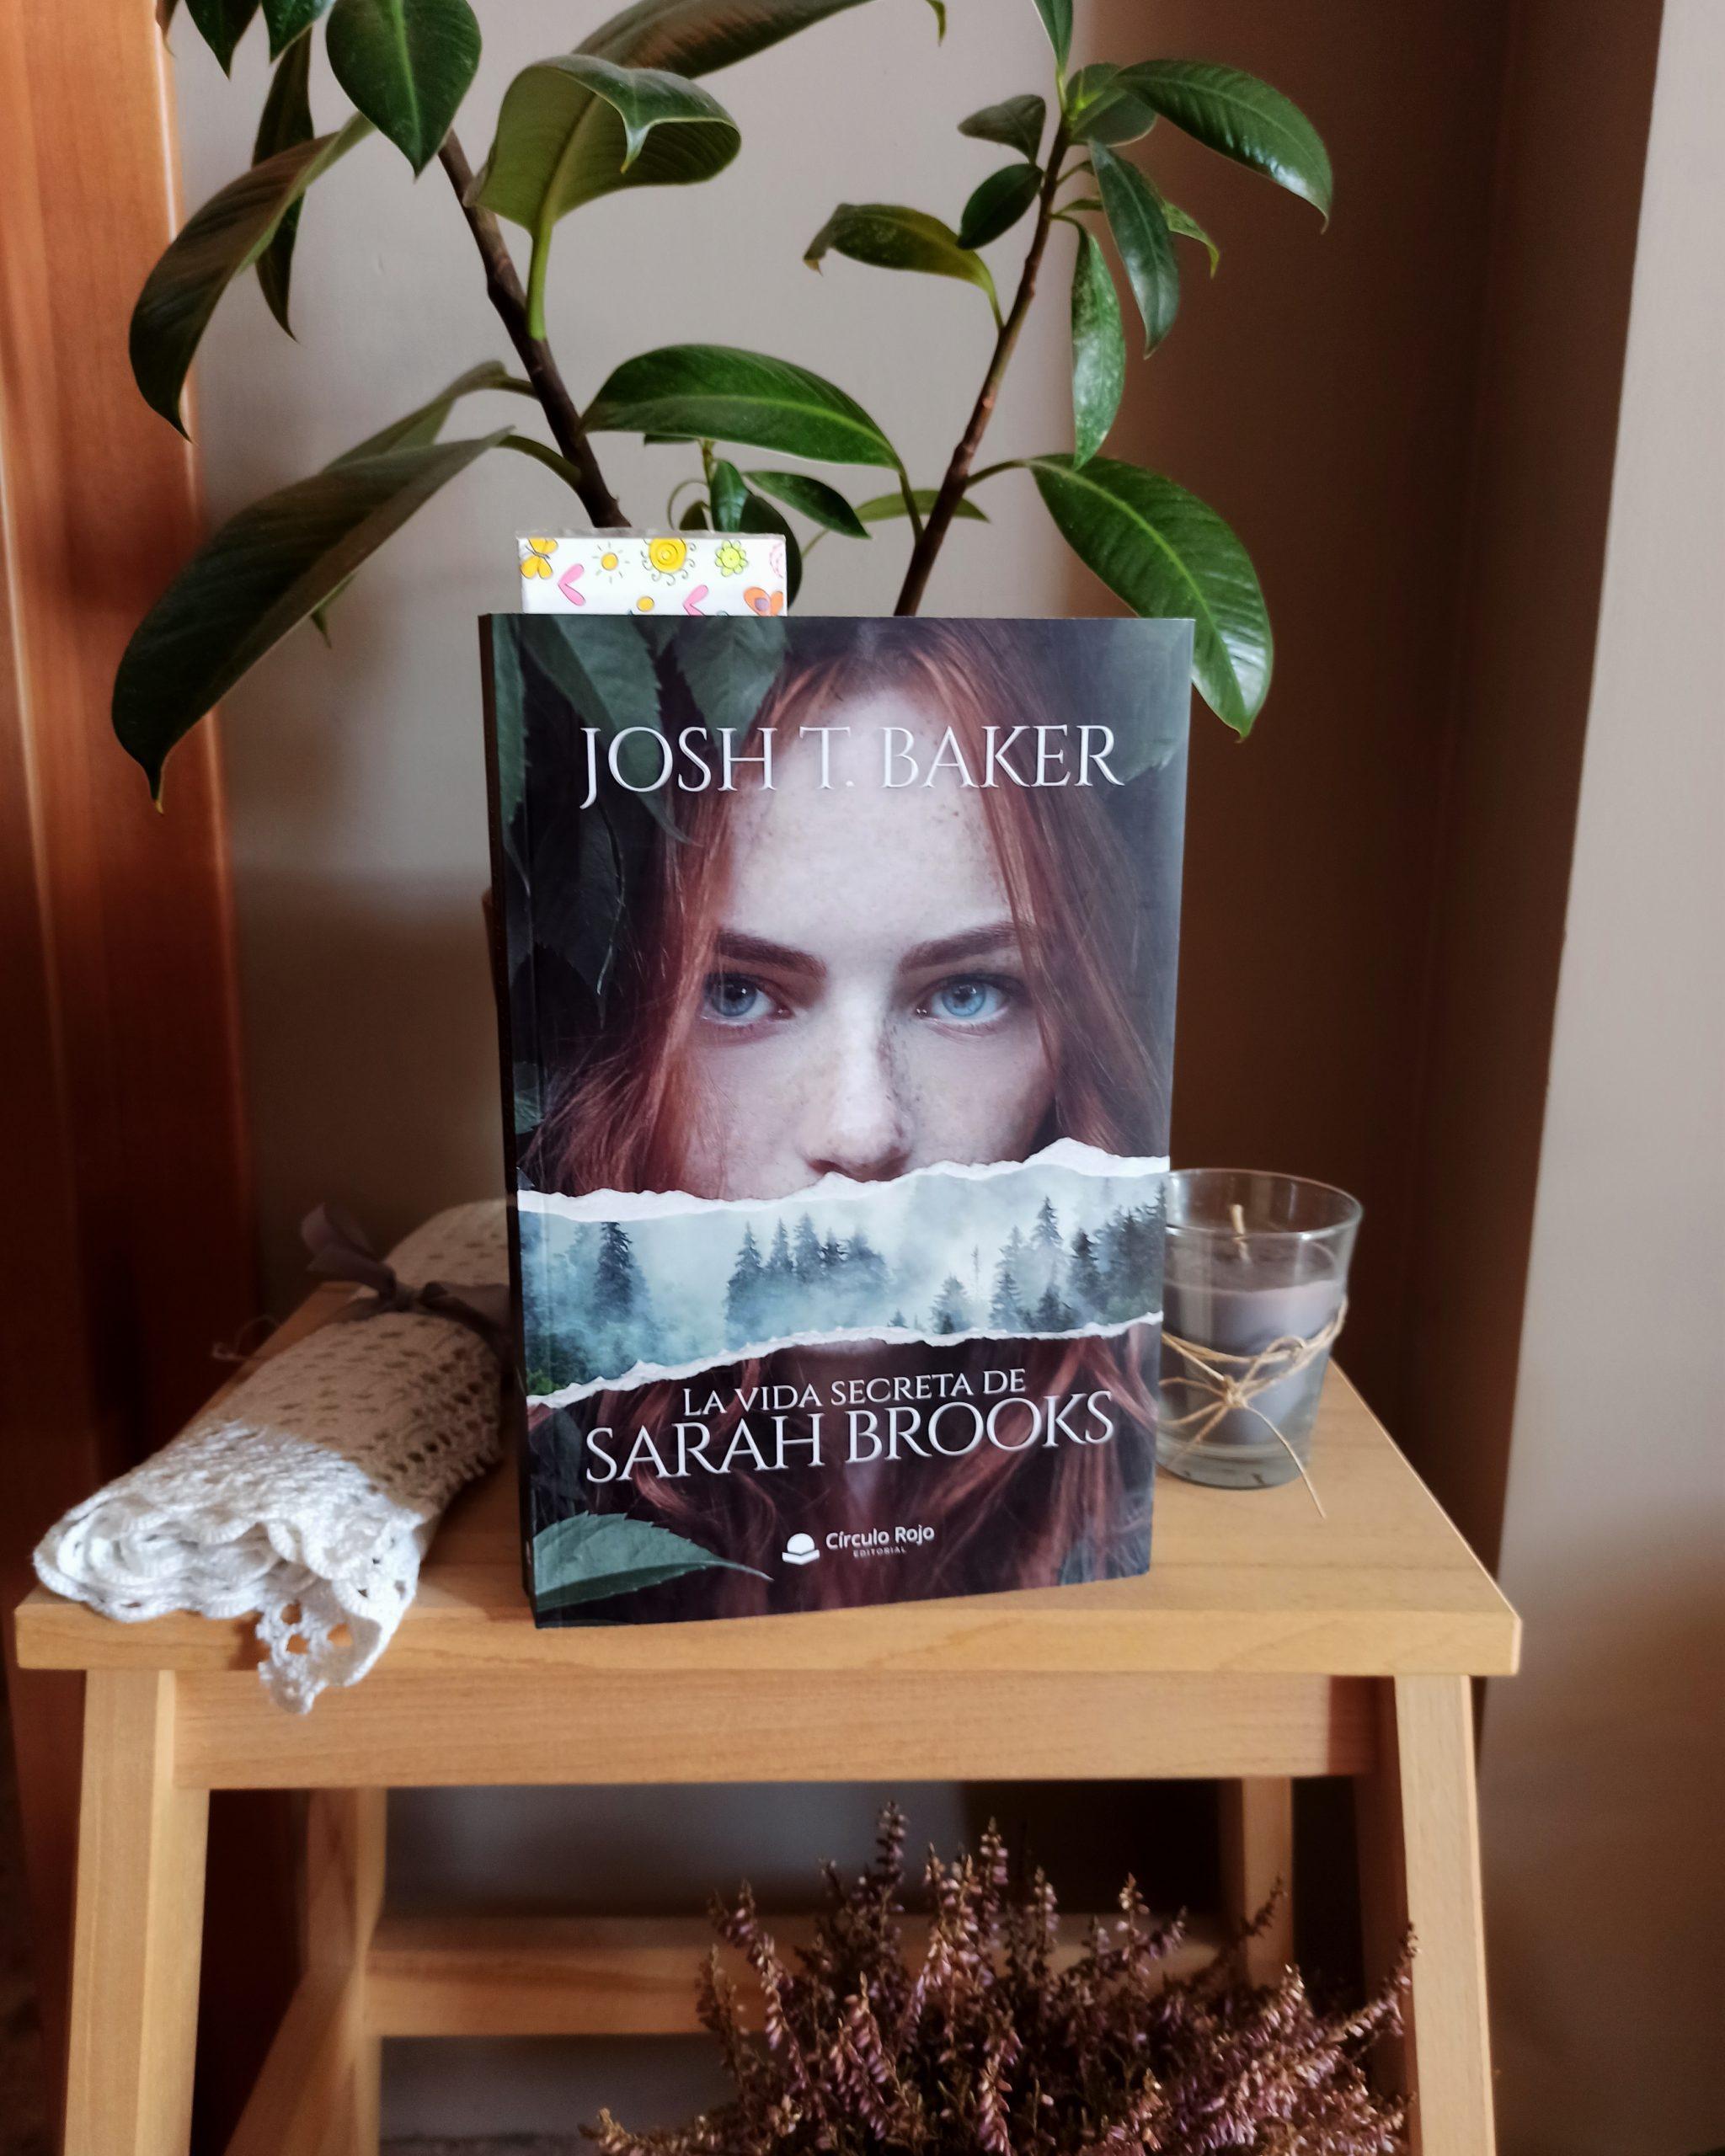 LA VIDA SECRETA DE SARAH BROOKS, de Josh T. Baker